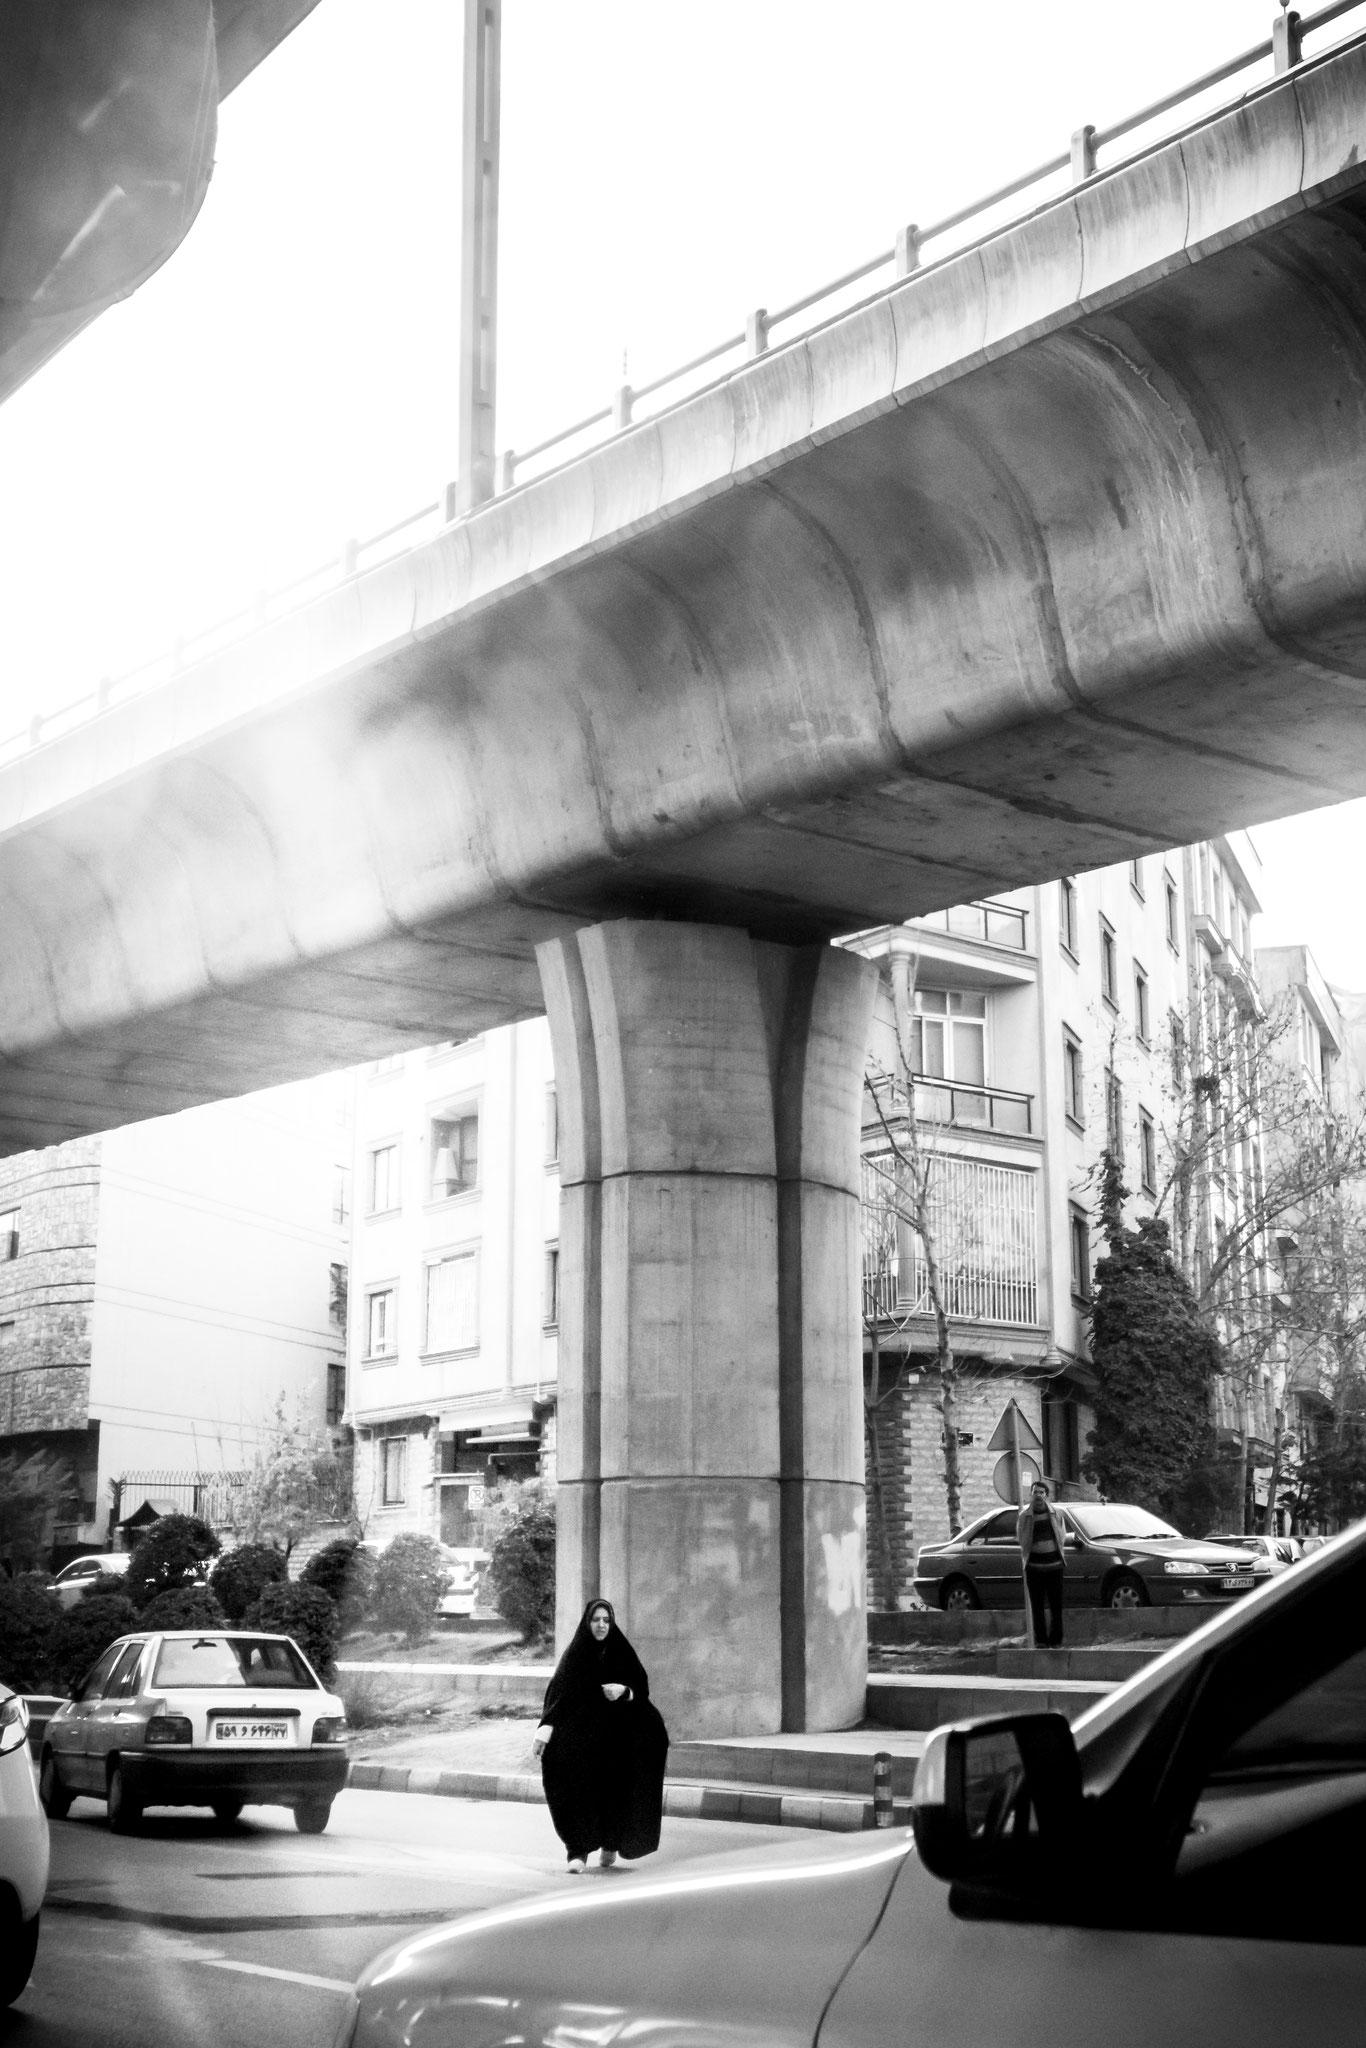 Tehran - Iran © 2017 Nik Schwald.